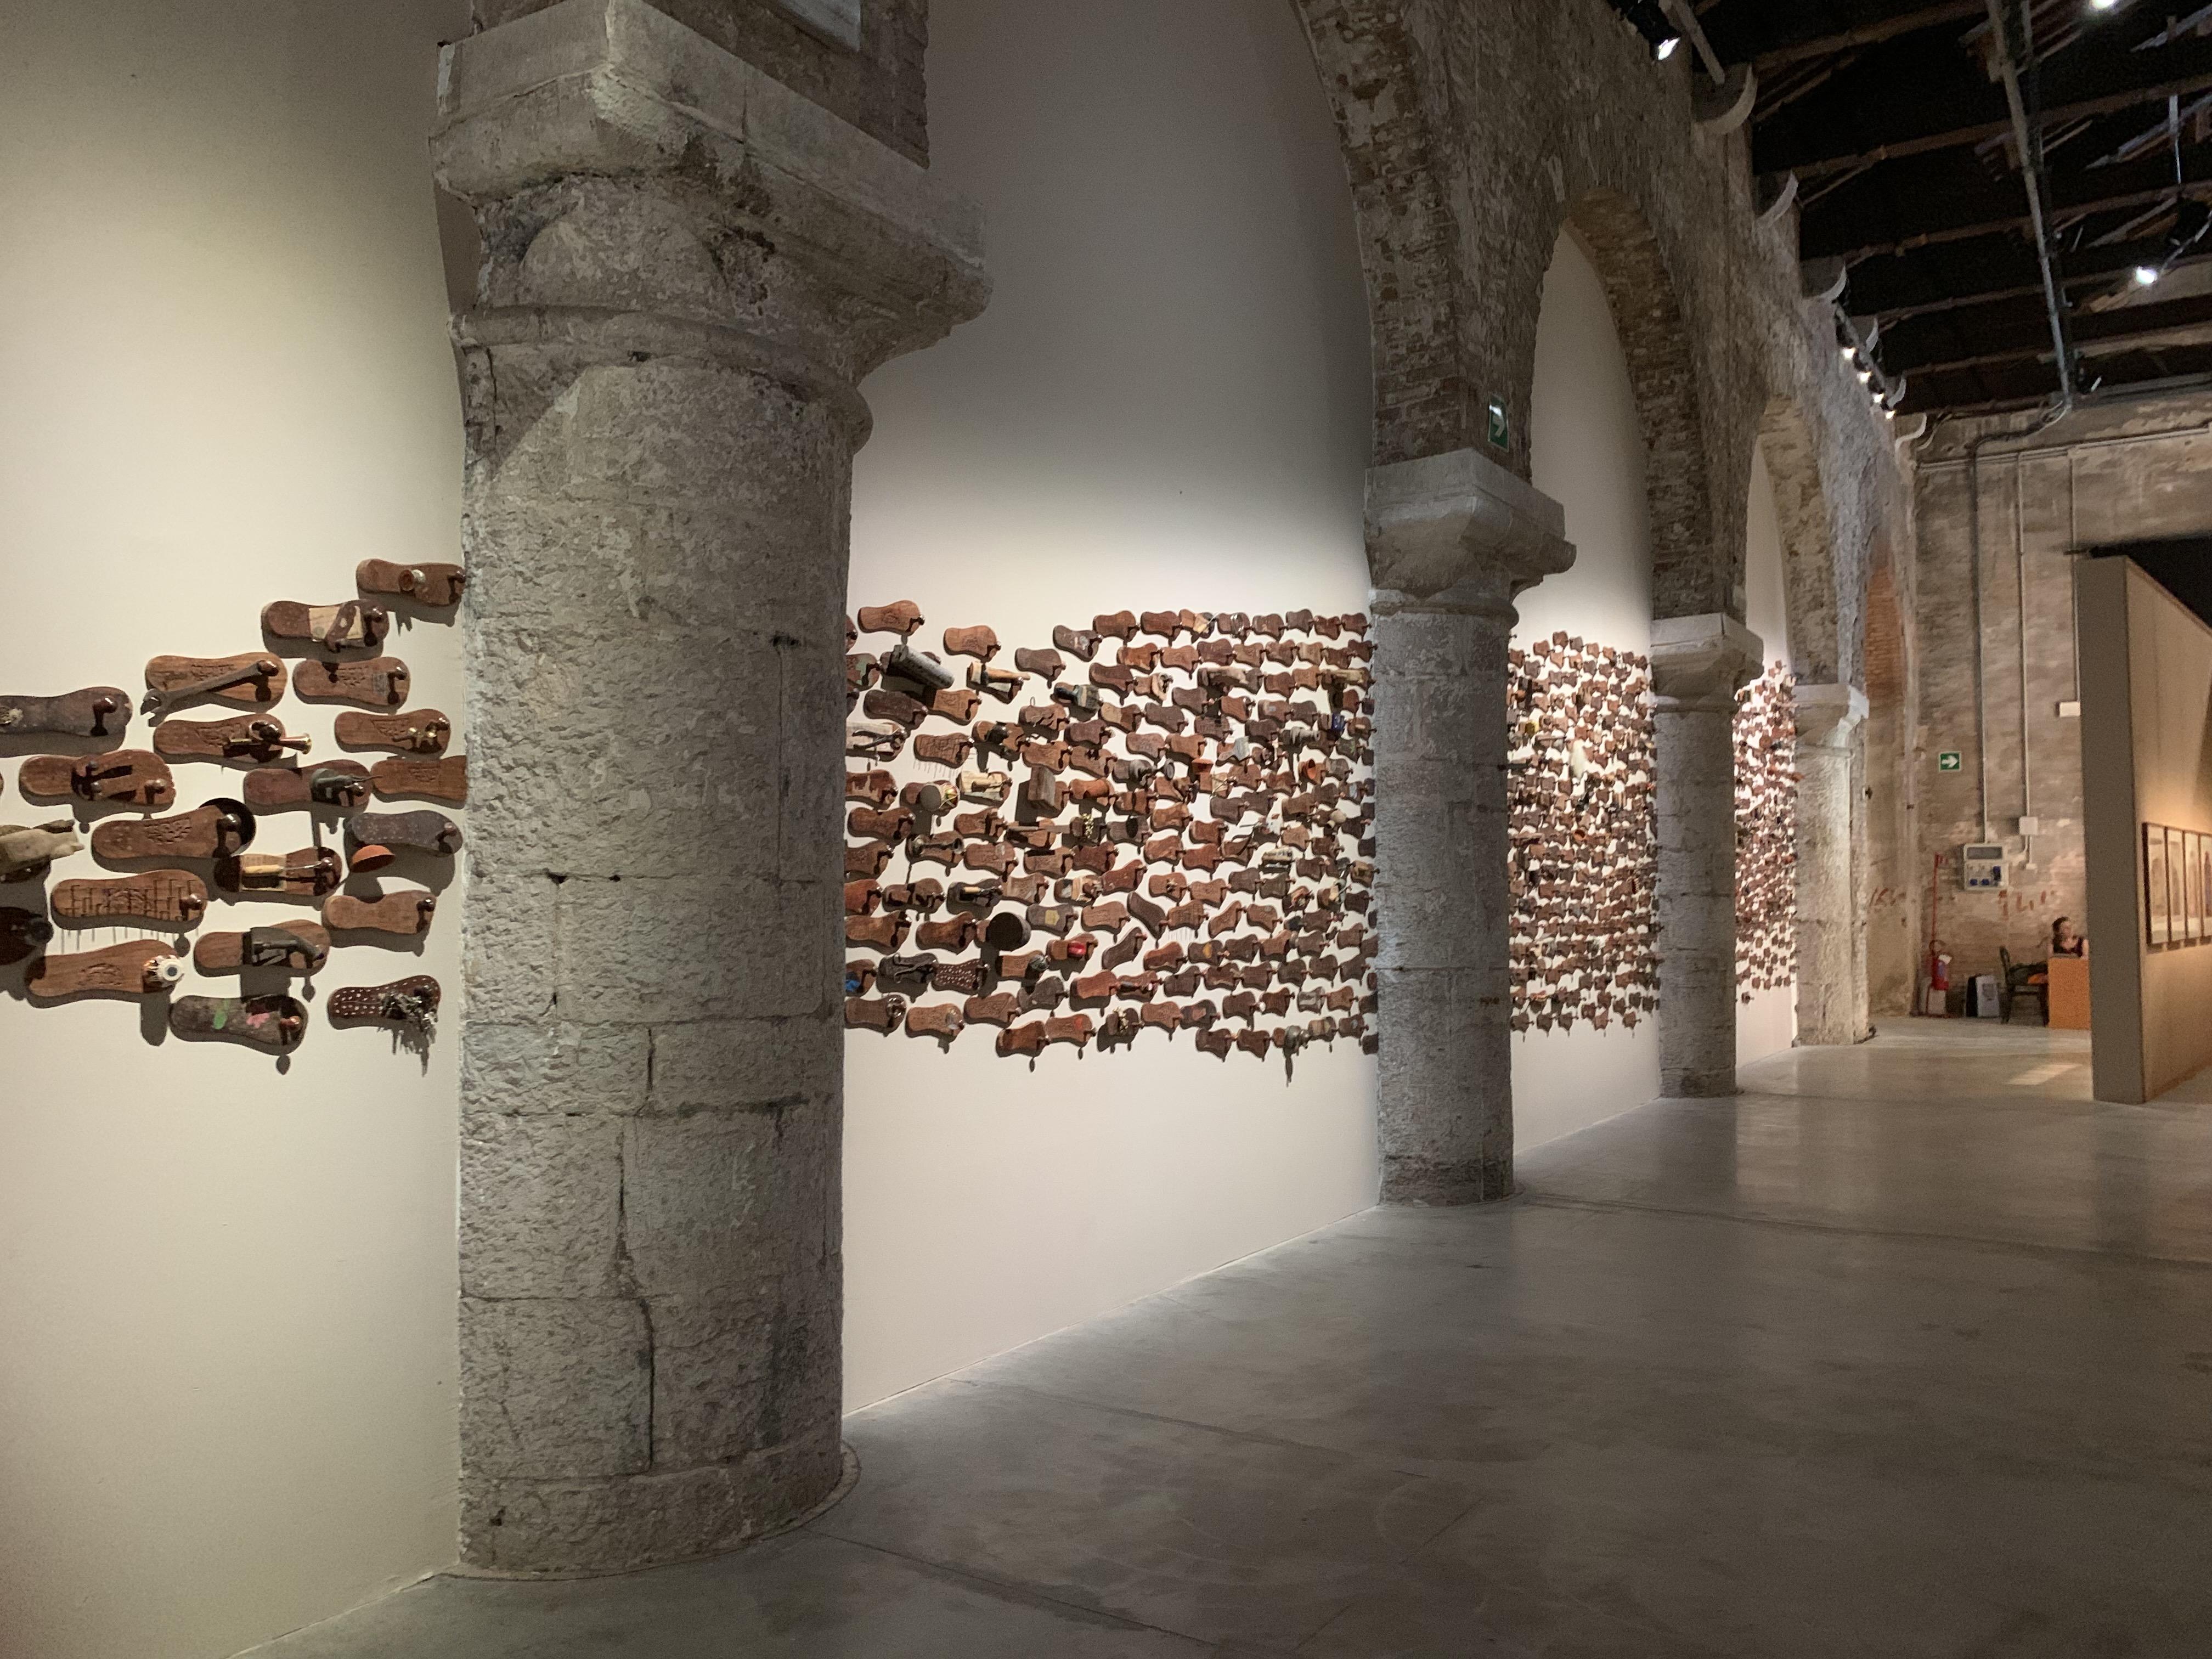 Padiglione India, Biennale Arte 2019